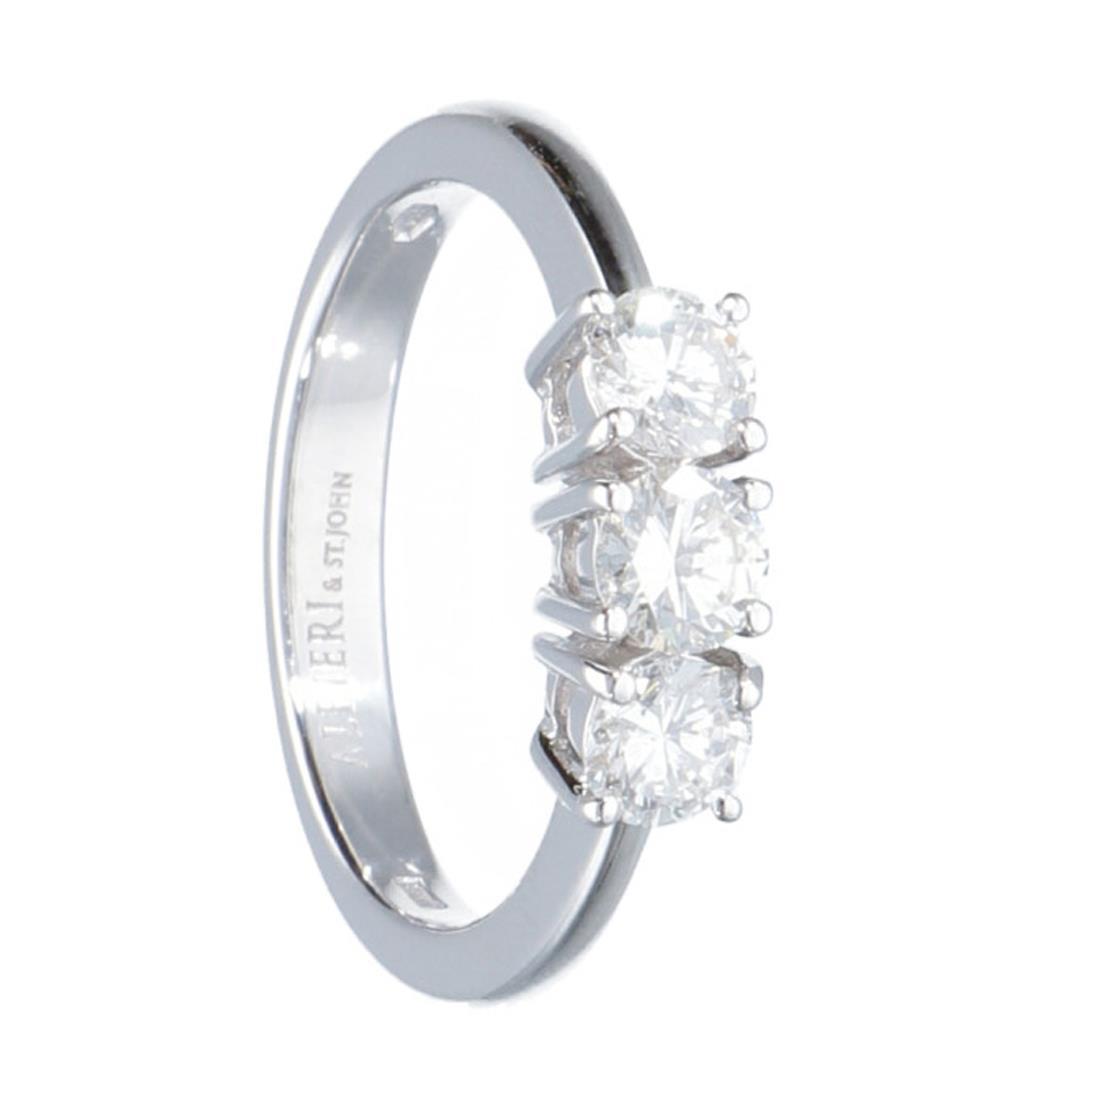 Anello trilogy in oro bianco con diamanti 0.90 ct - ALFIERI ST JOHN